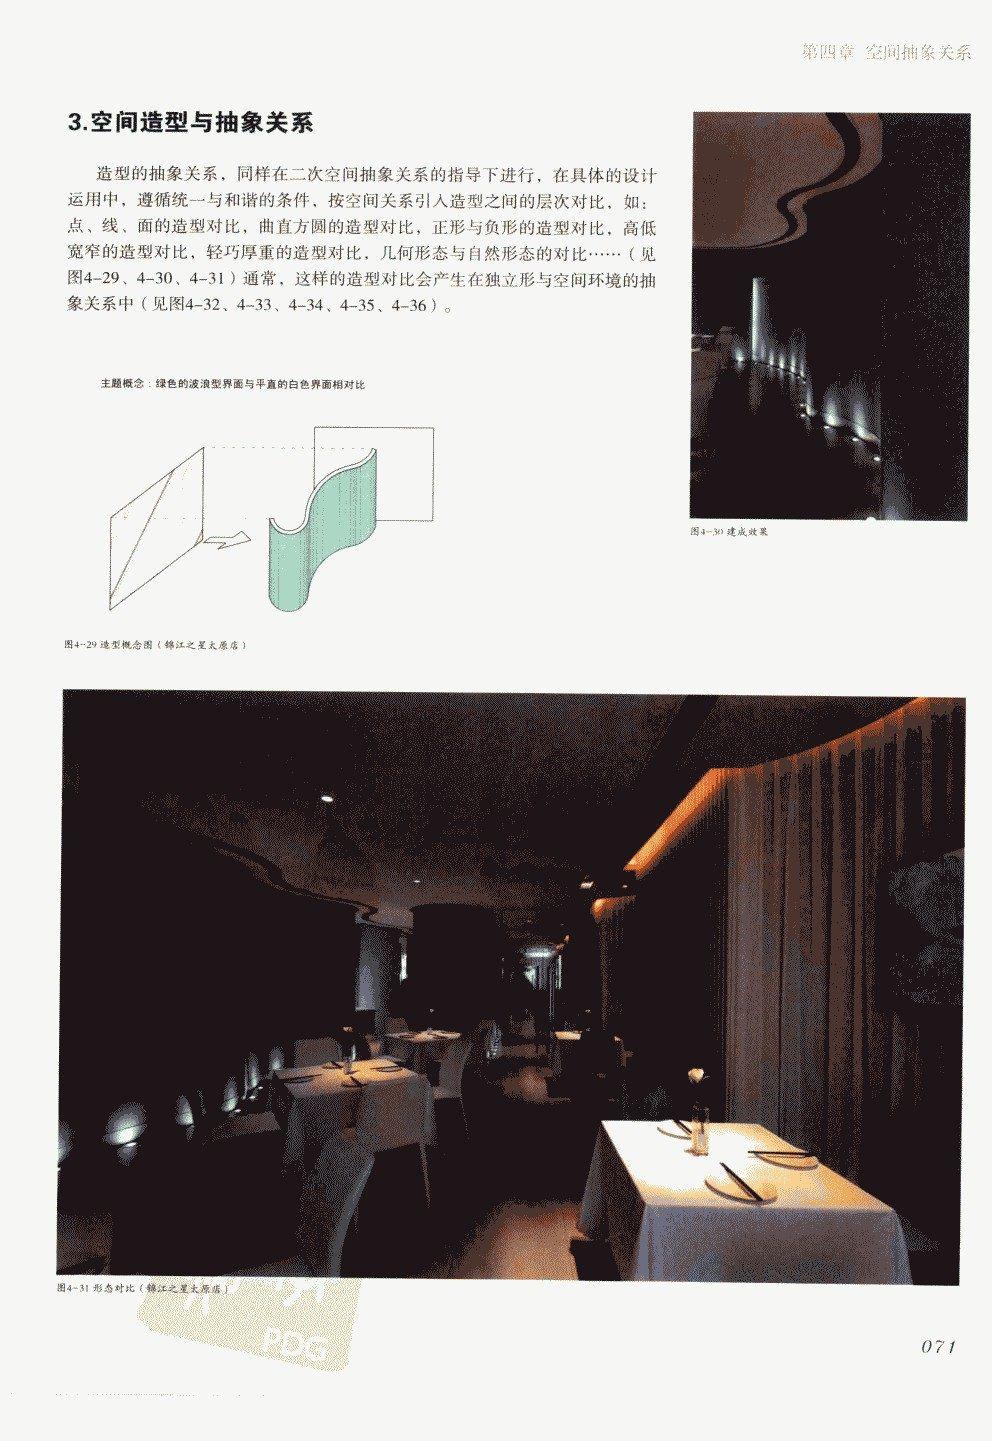 室内设计纲要++概念思考与过程表达_室内设计纲要  概念思考与过程表达_1297982..._页面_079.jpg